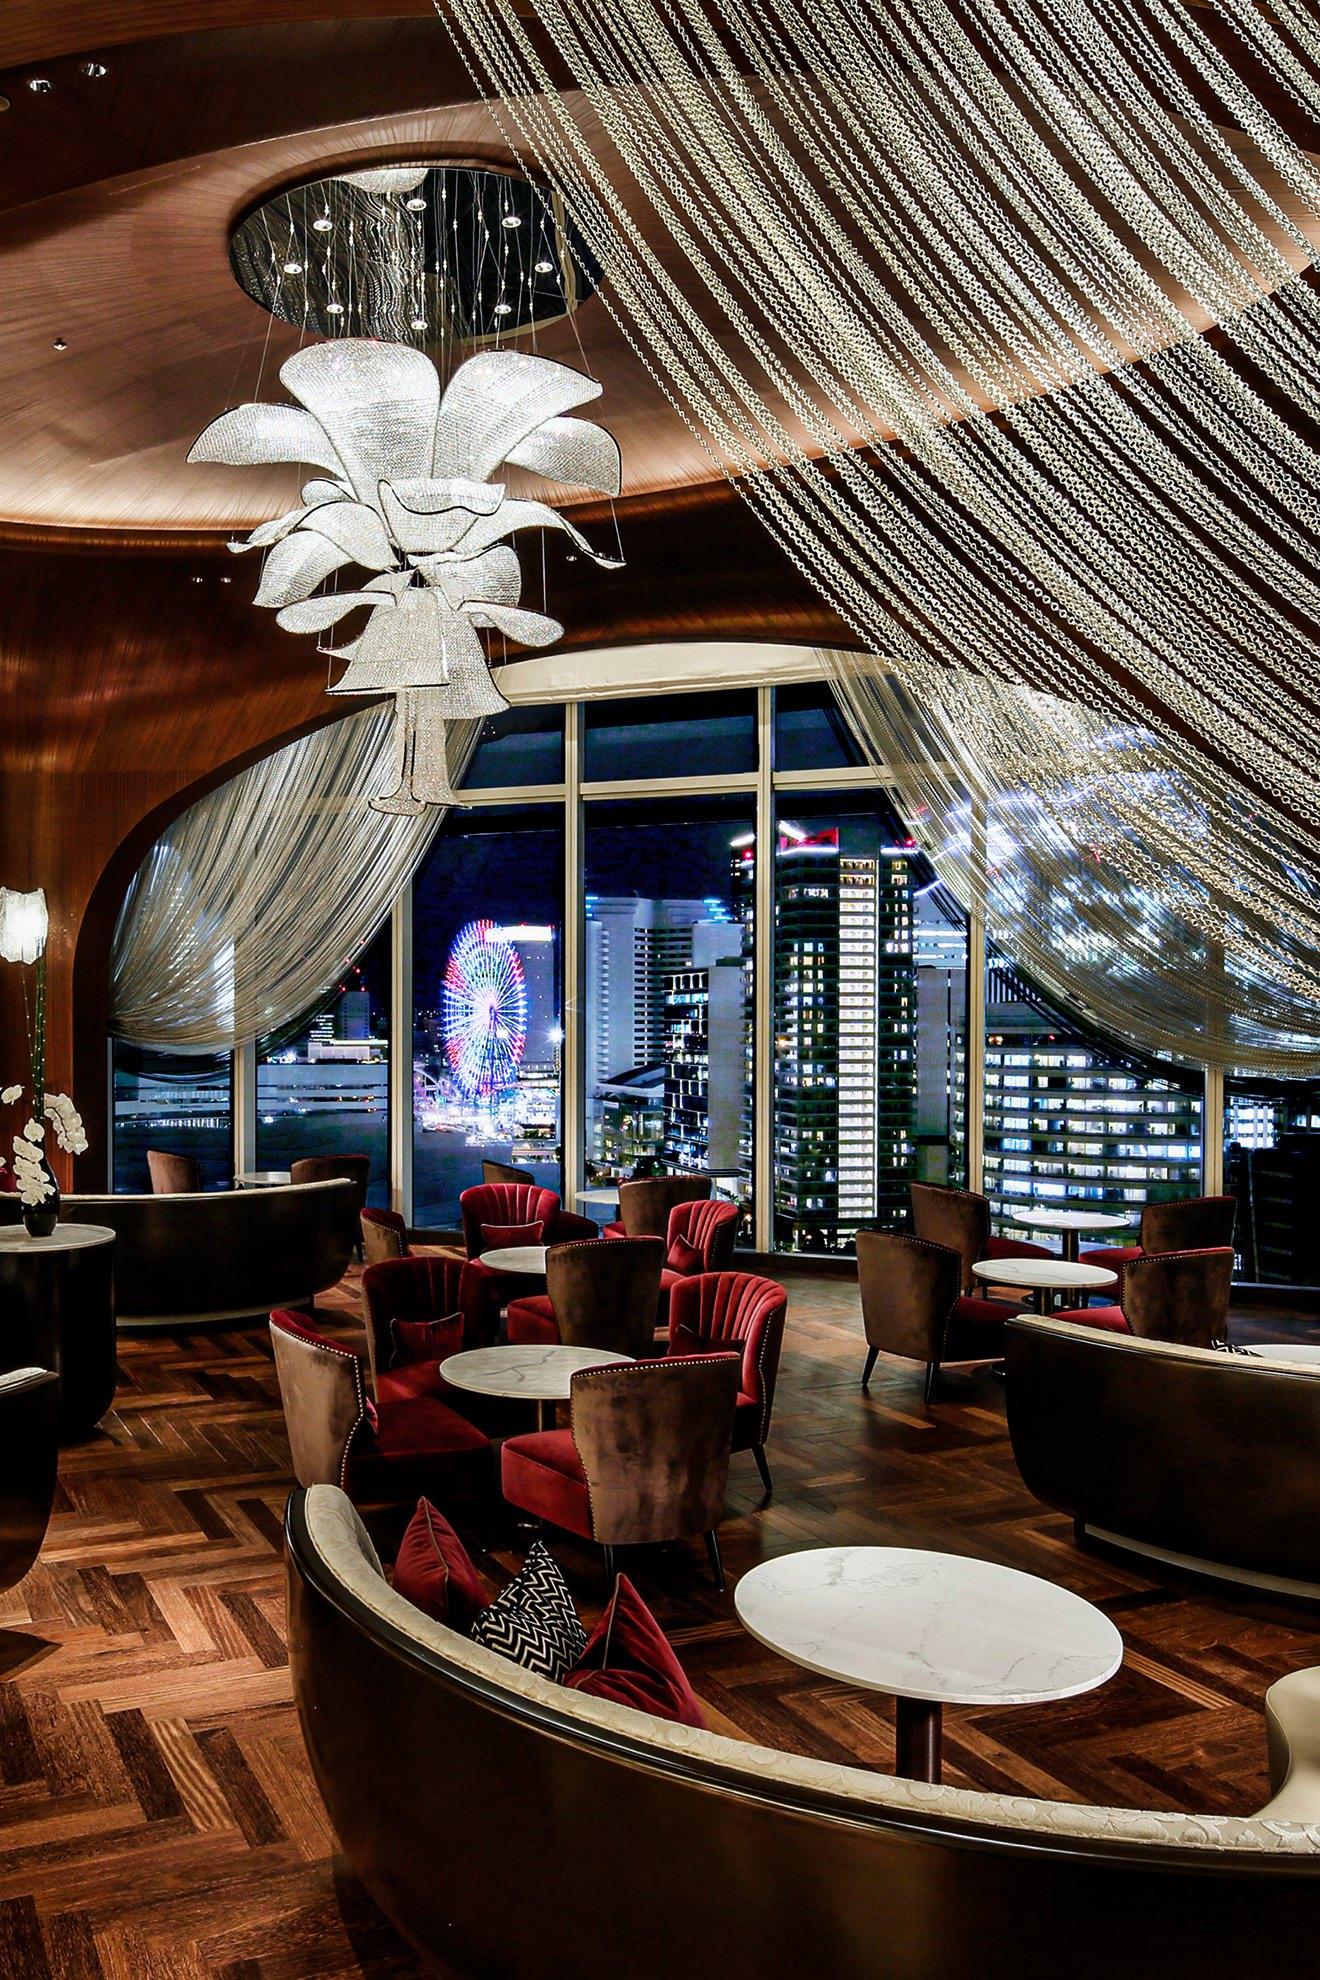 カハラ ホテル 横浜 レストラン イタリア料理 リストランテ オッツィオ|レストラン